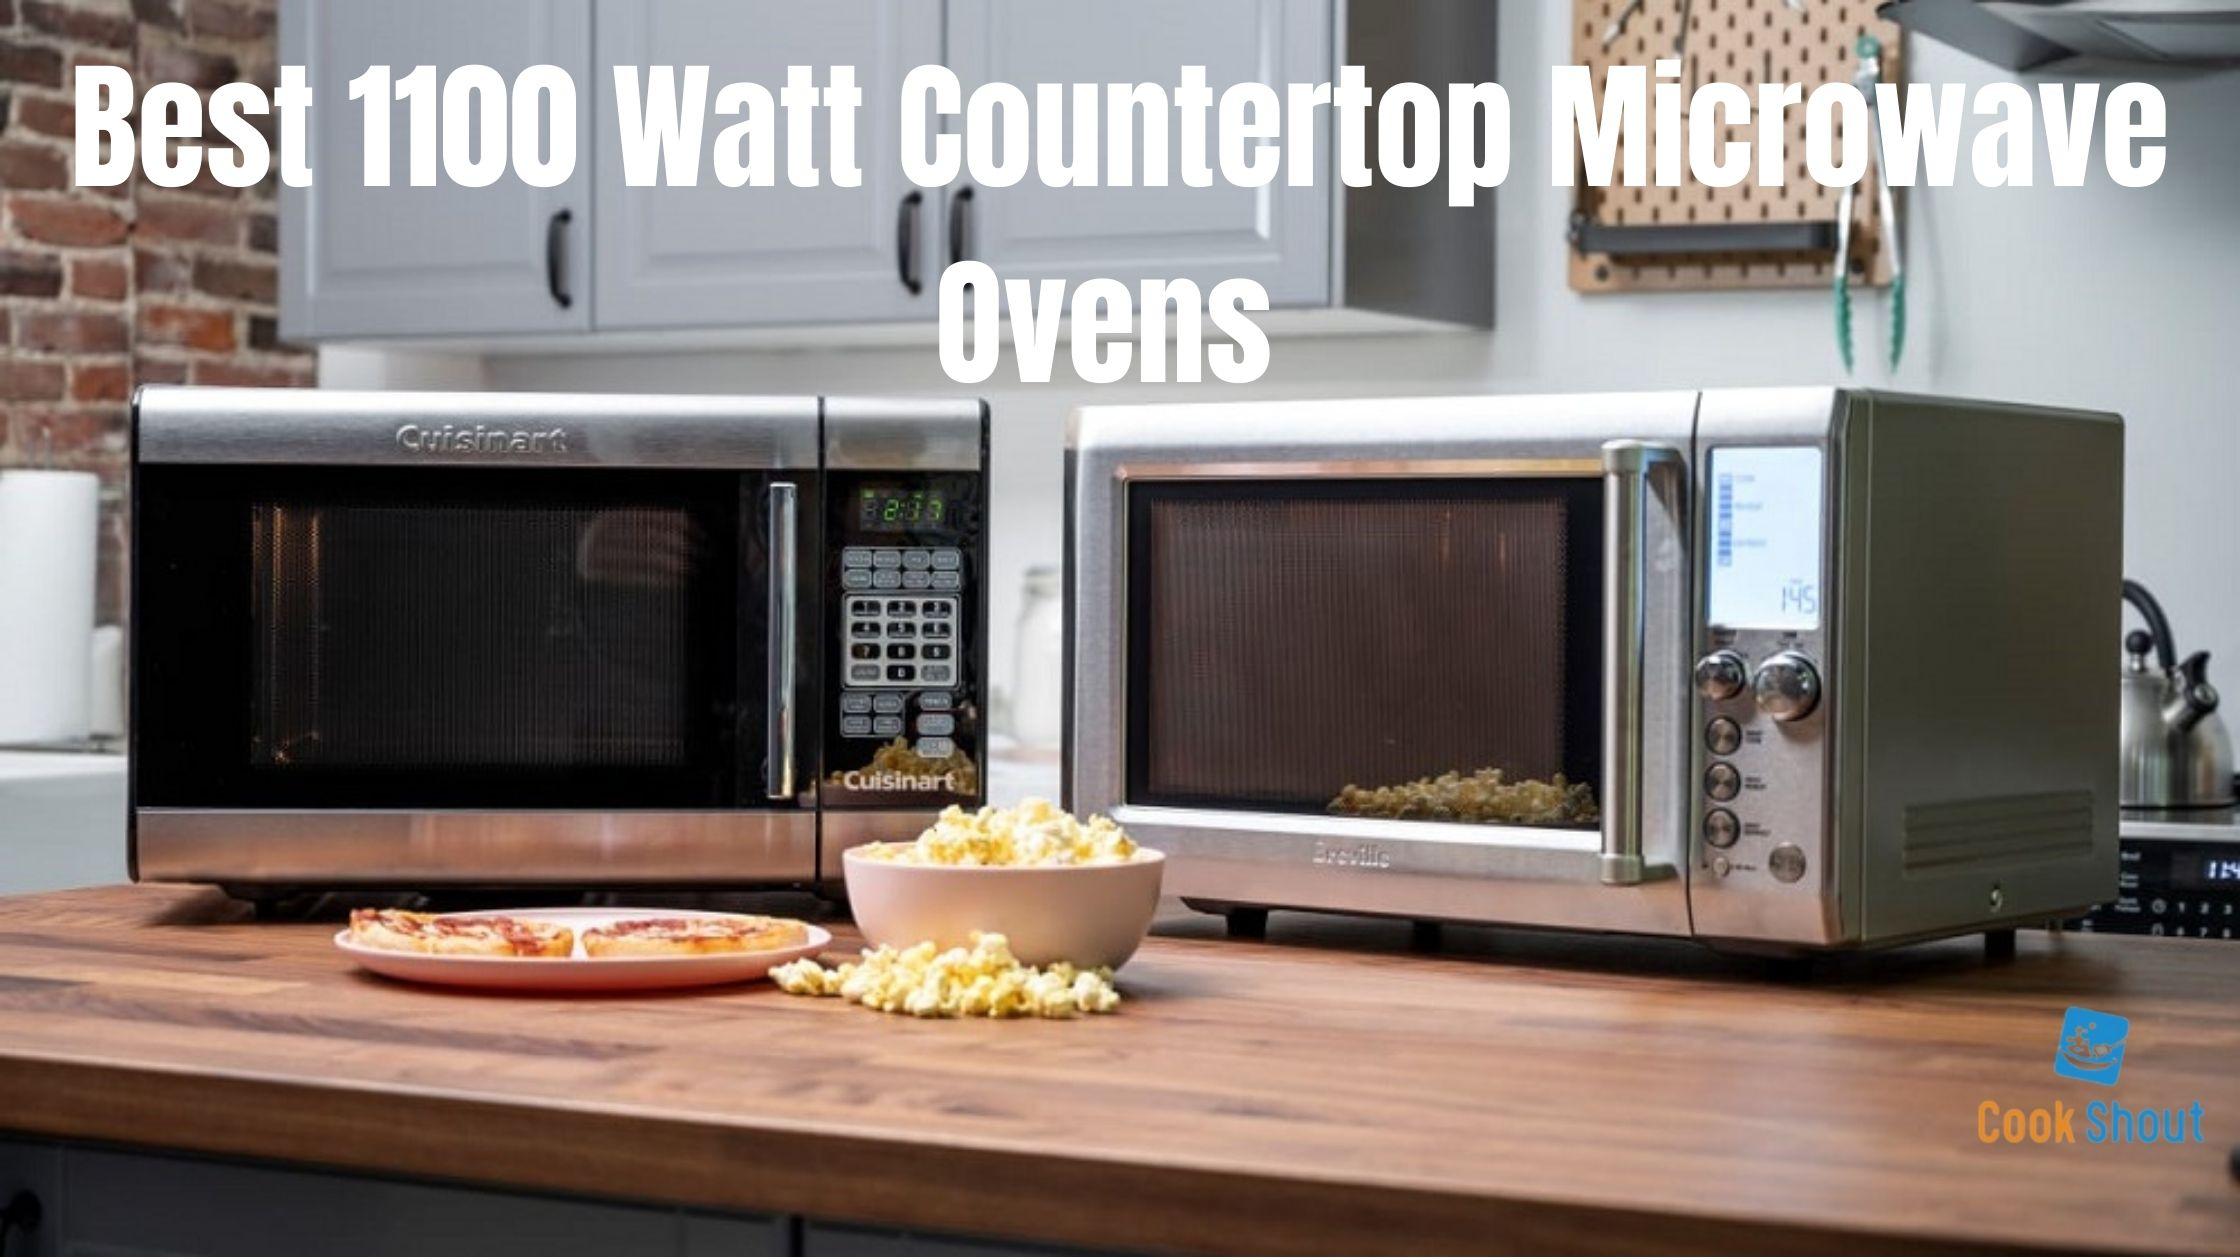 Best 1100 Watt Countertop Microwave Ovens 2021